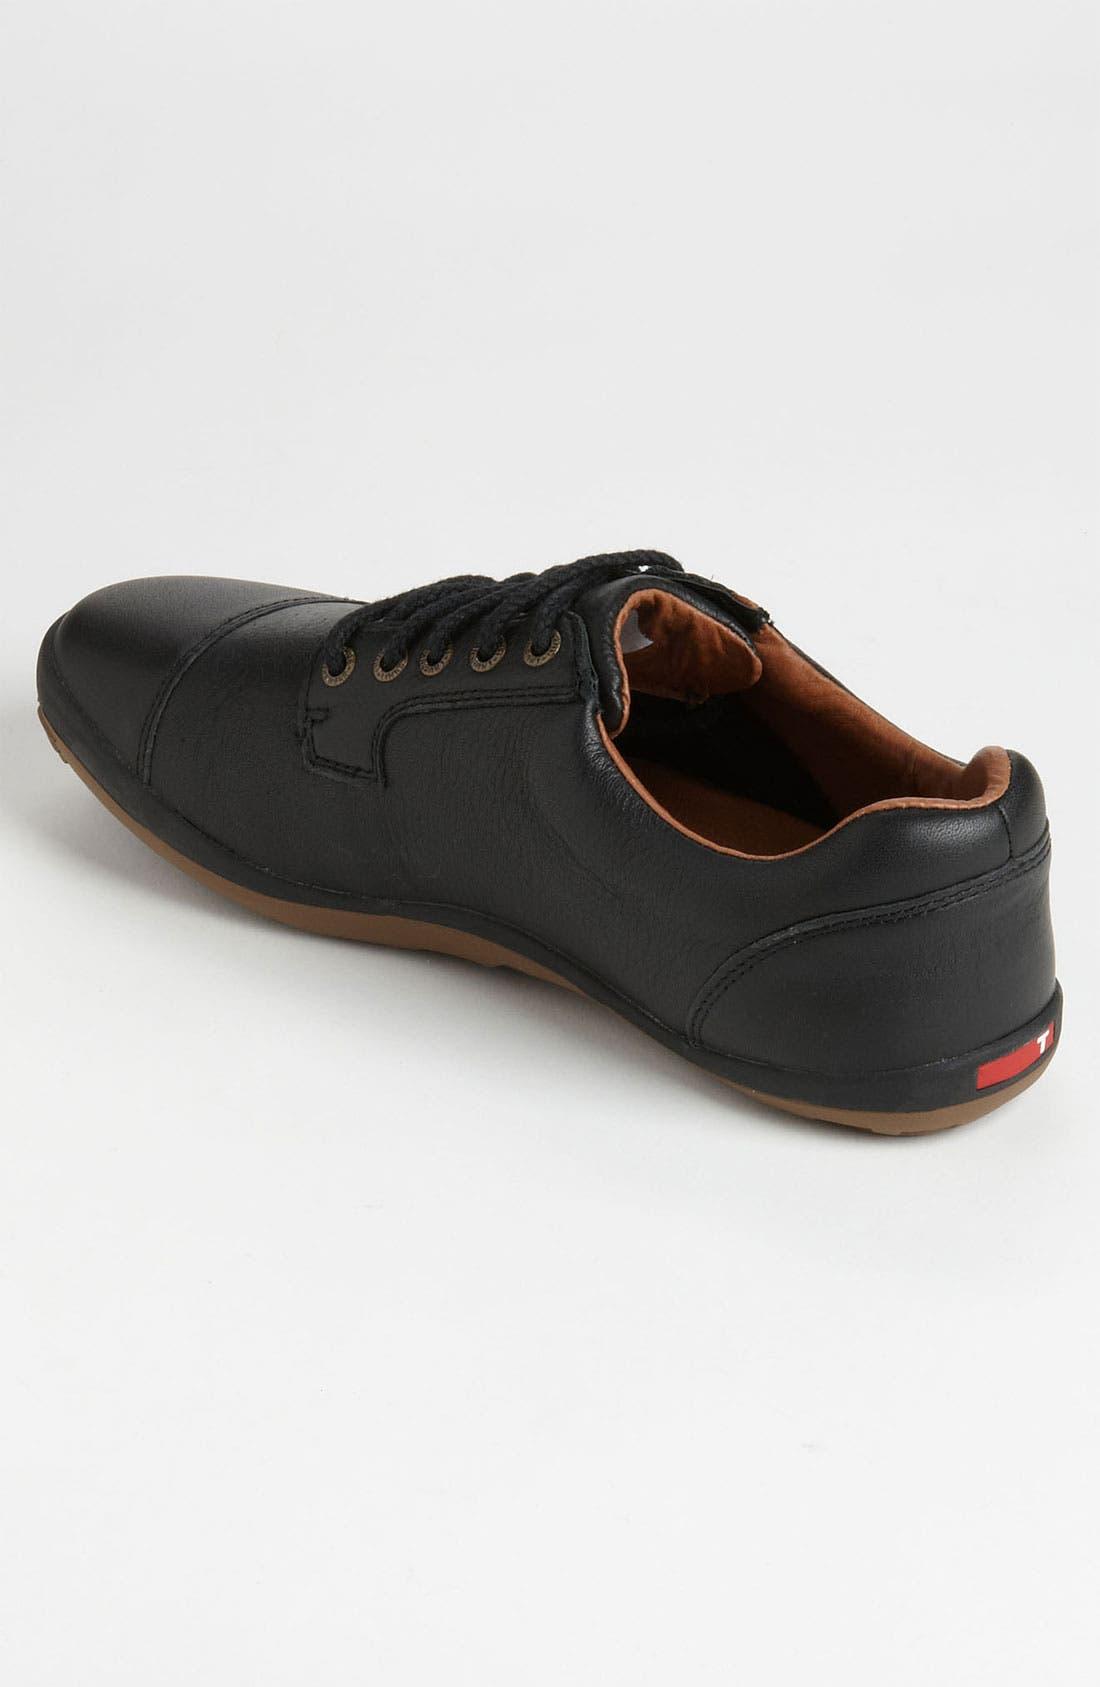 Alternate Image 2  - TRUE linkswear 'TRUE Stealth' Golf Shoe (Men)